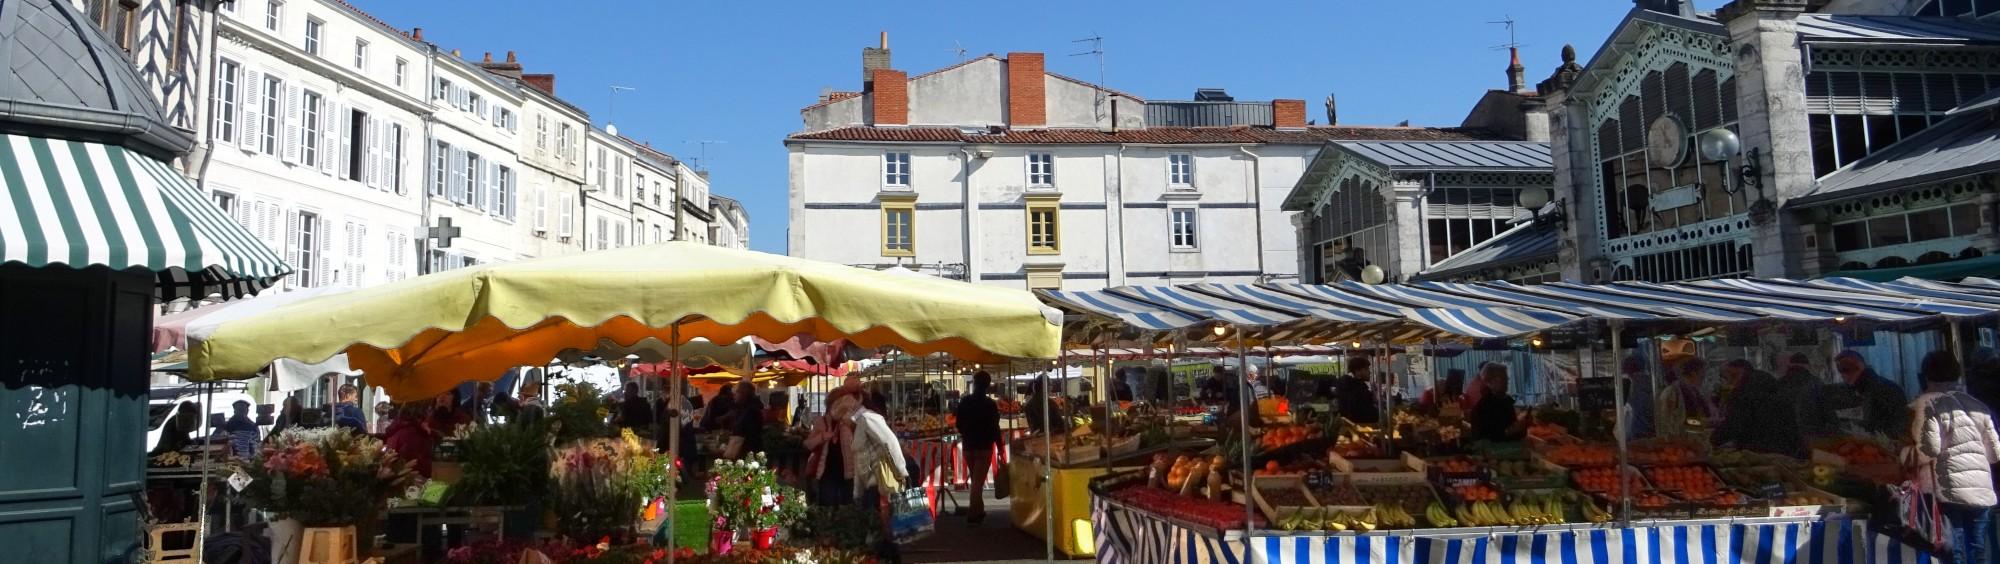 La Joie du Vin - Votre caviste face au marché de La Rochelle